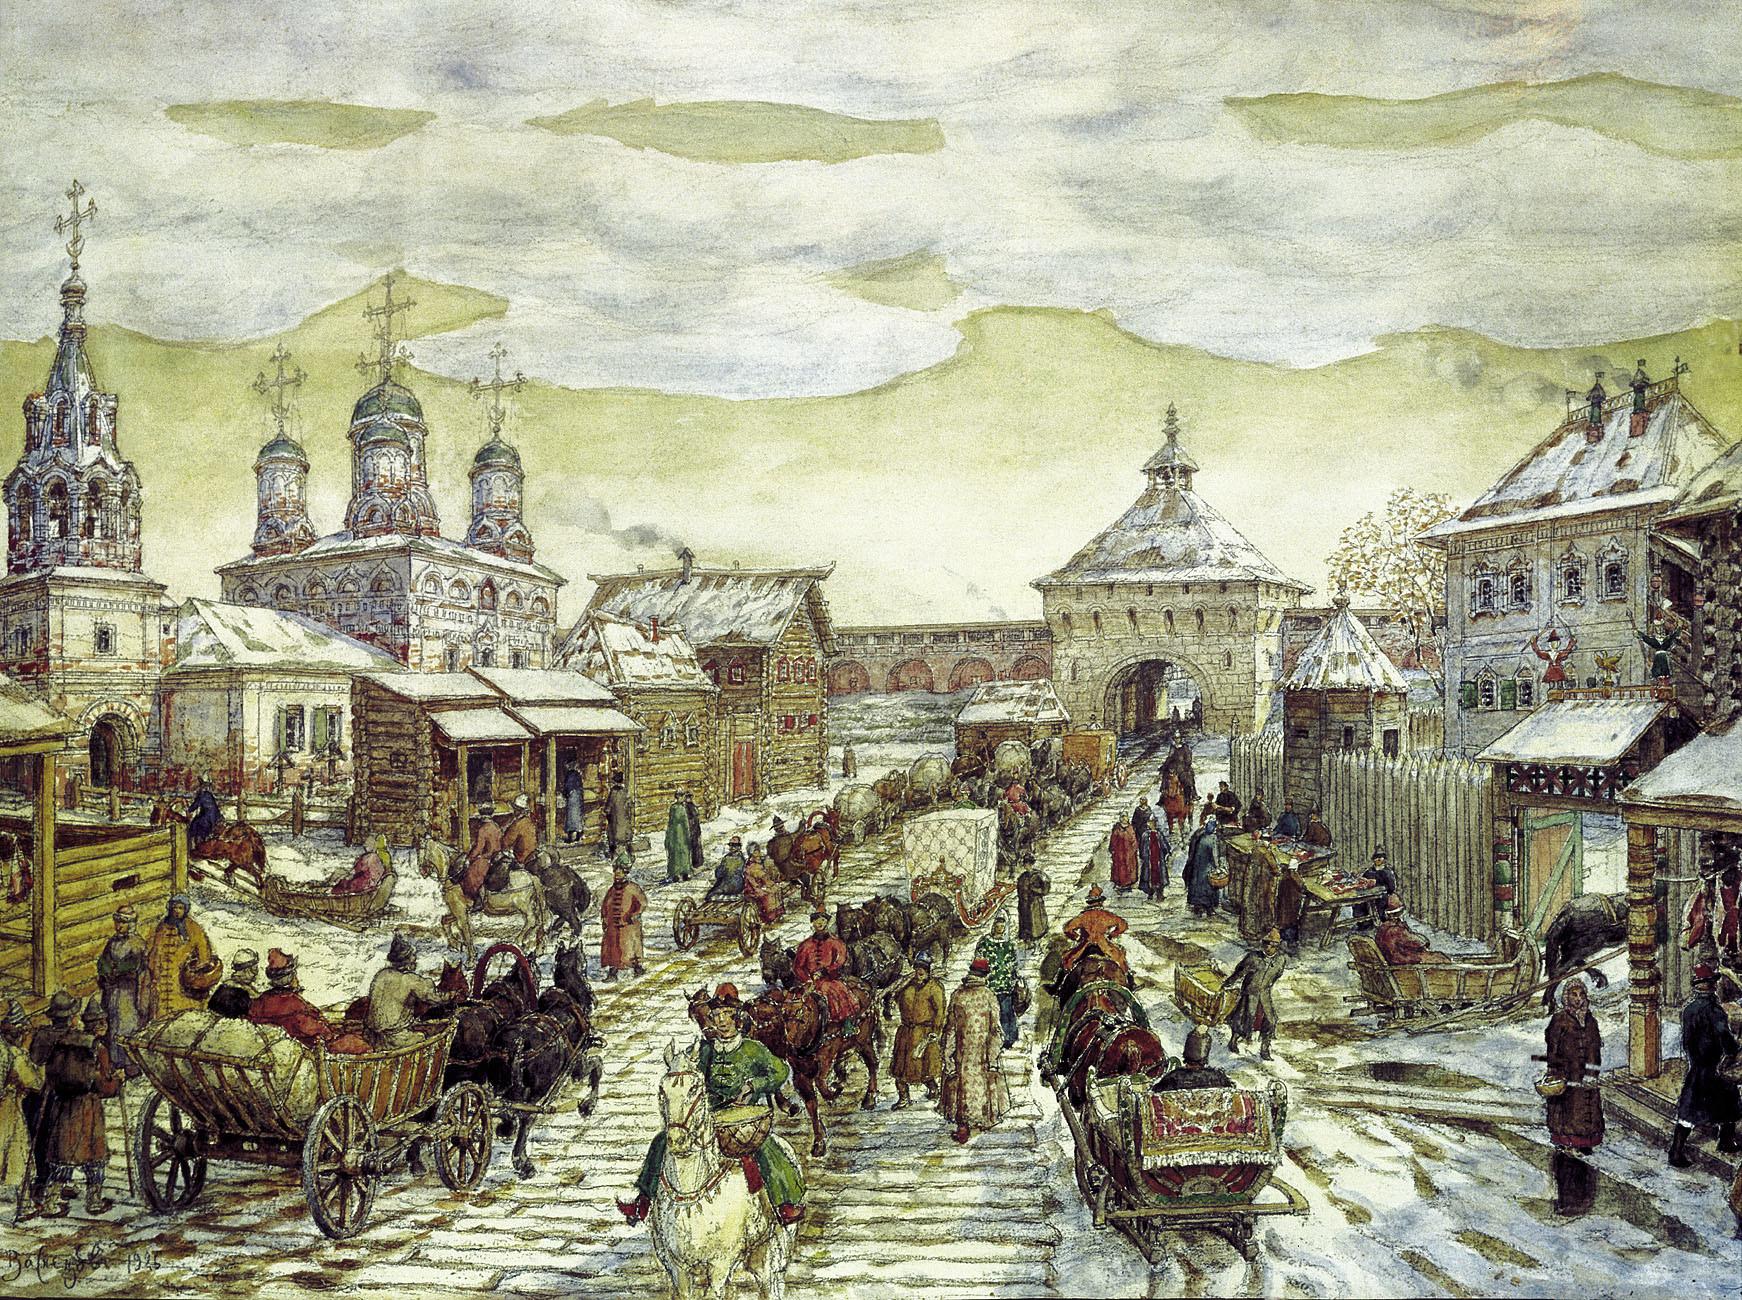 Appolinary Vasnetsov. Near Myasnitskiye Gates